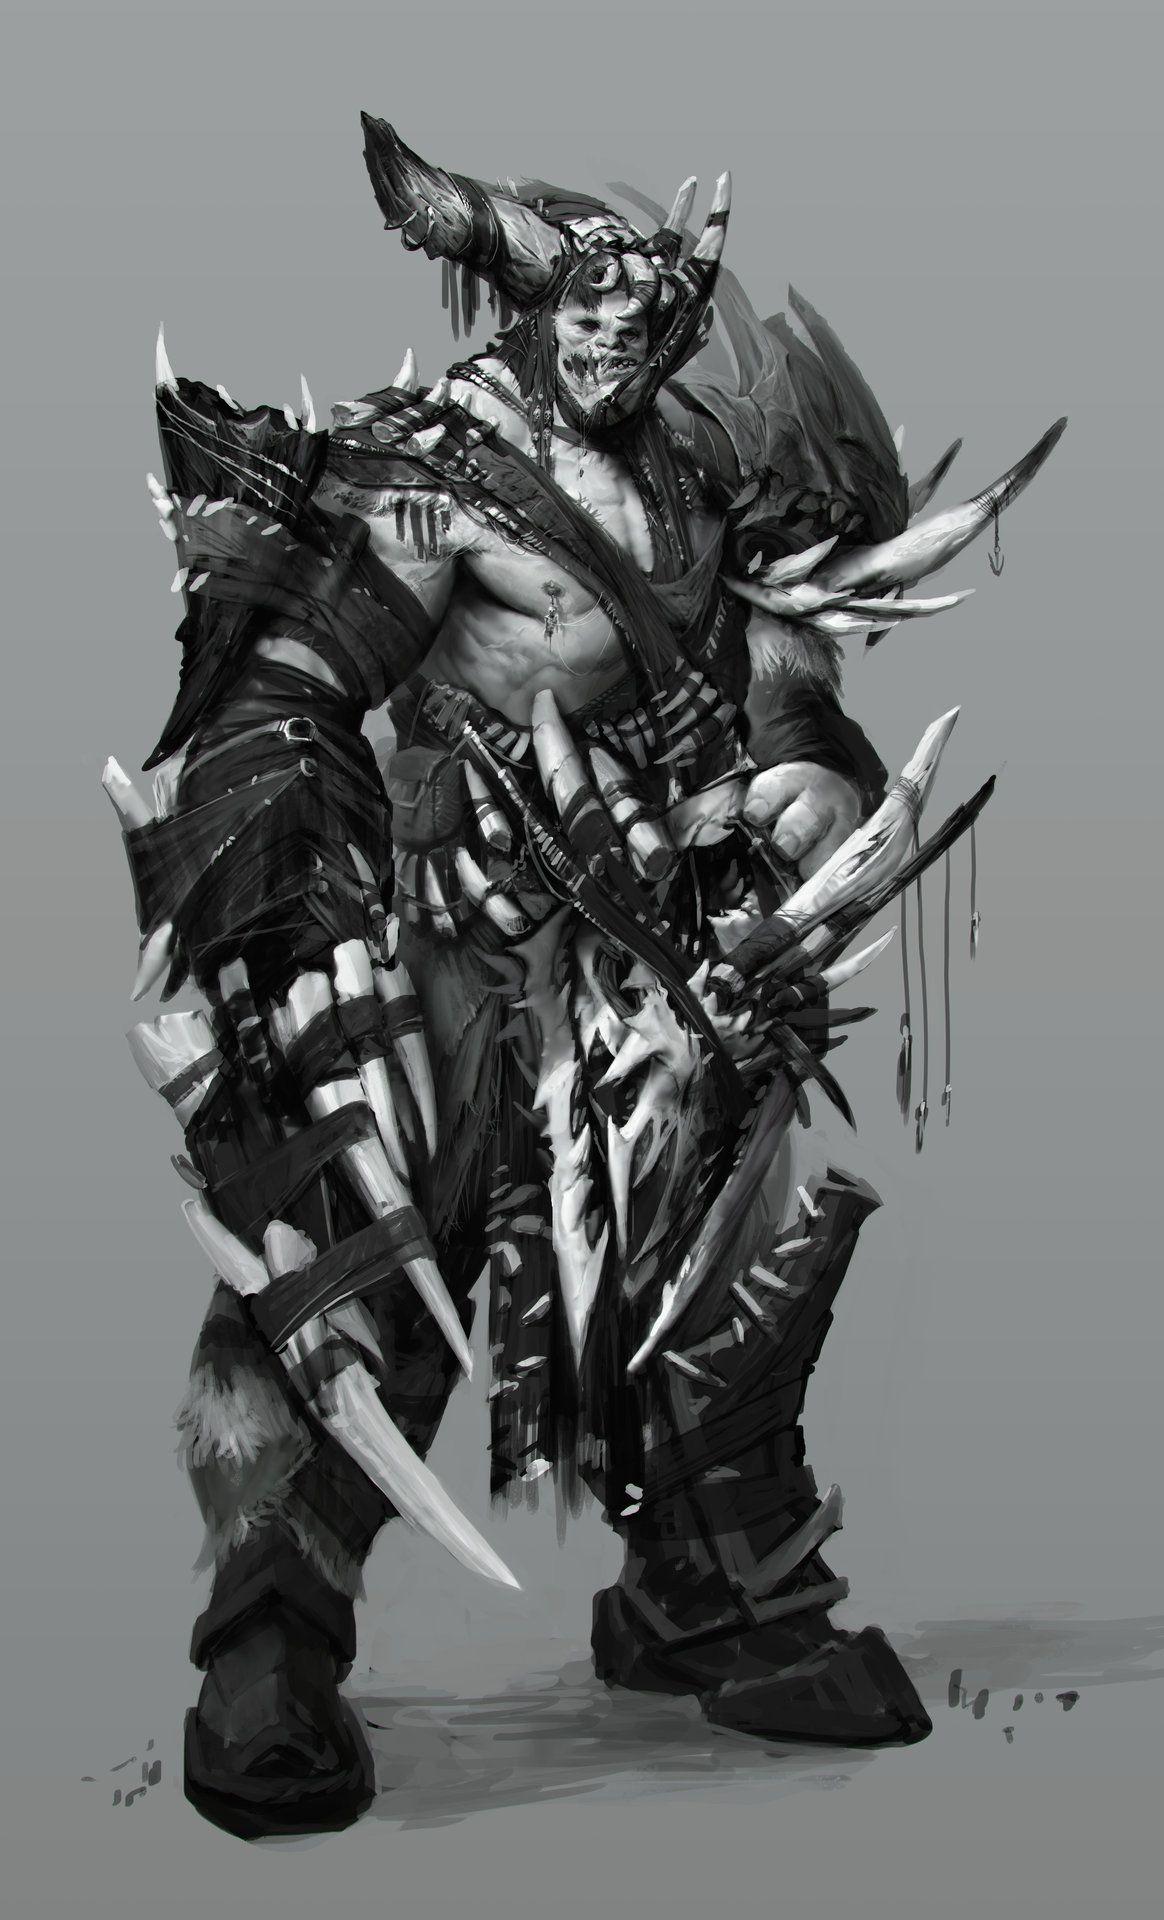 ArtStation - Monstrosity - Kain, Anthony Jones